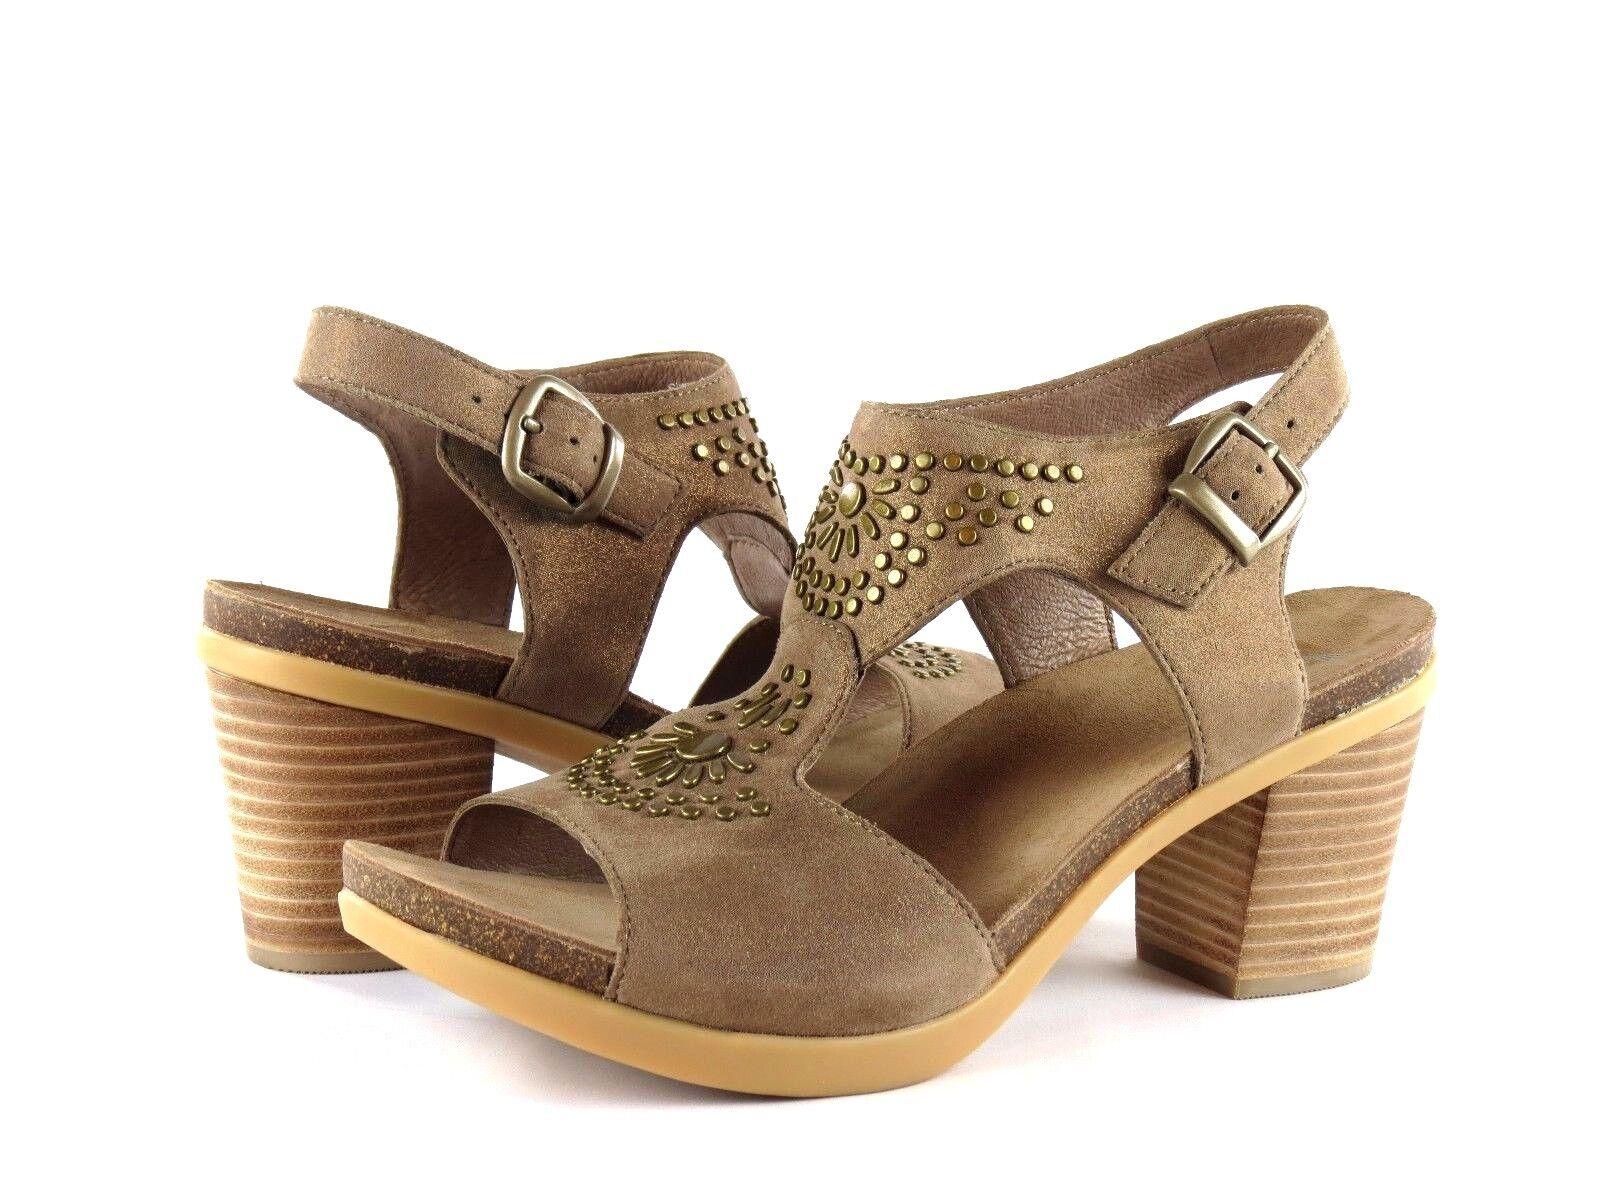 Dansko Deandra Taupe Shimmer Suede Embellished Ankle Strap Sandale Heel Größe 41